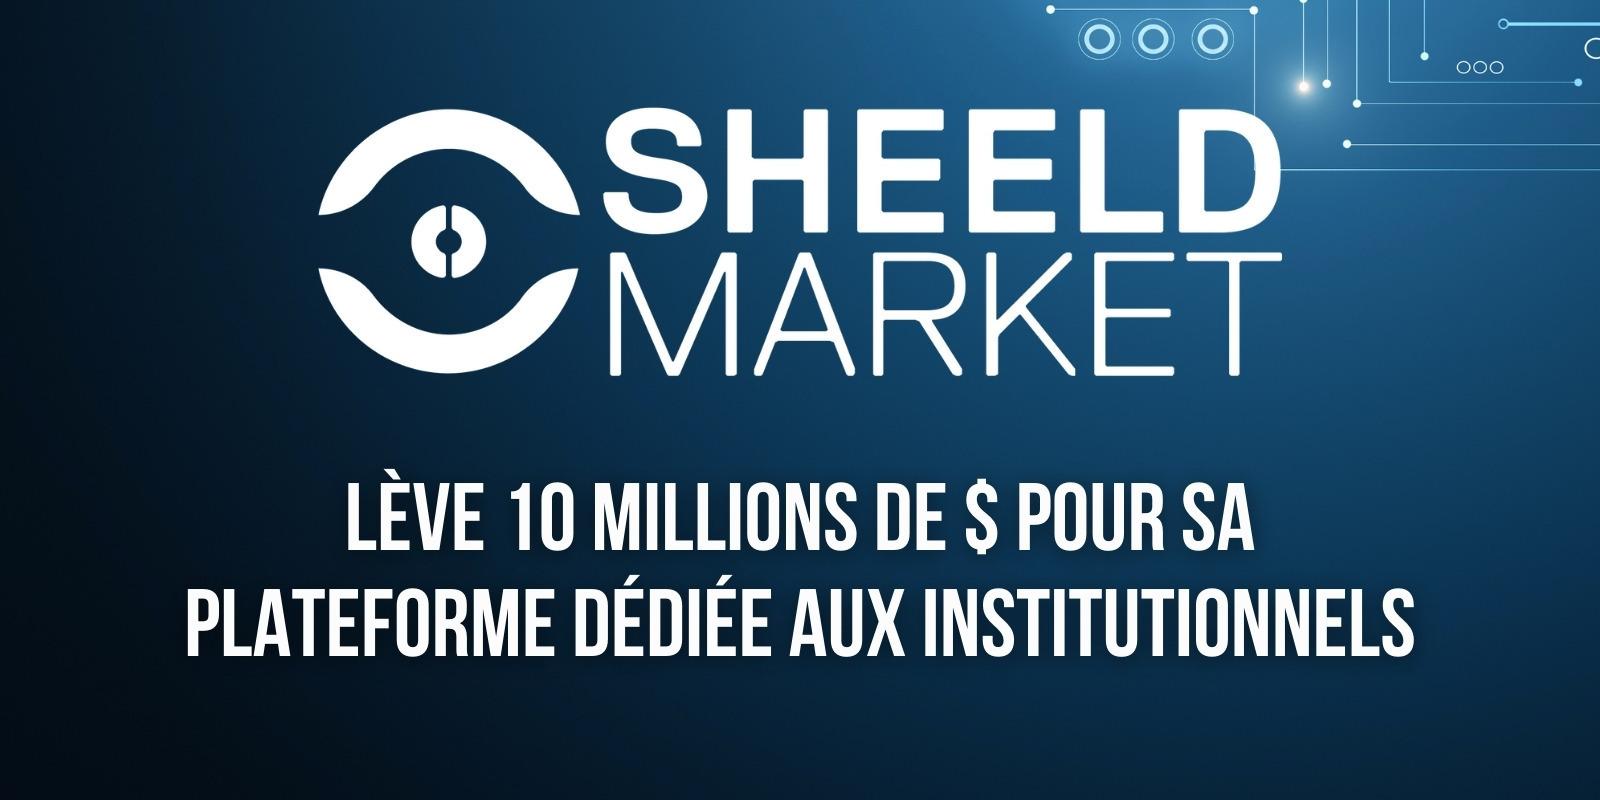 France : la plateforme pour institutionnels SheeldMarket lève 10 millions de dollars